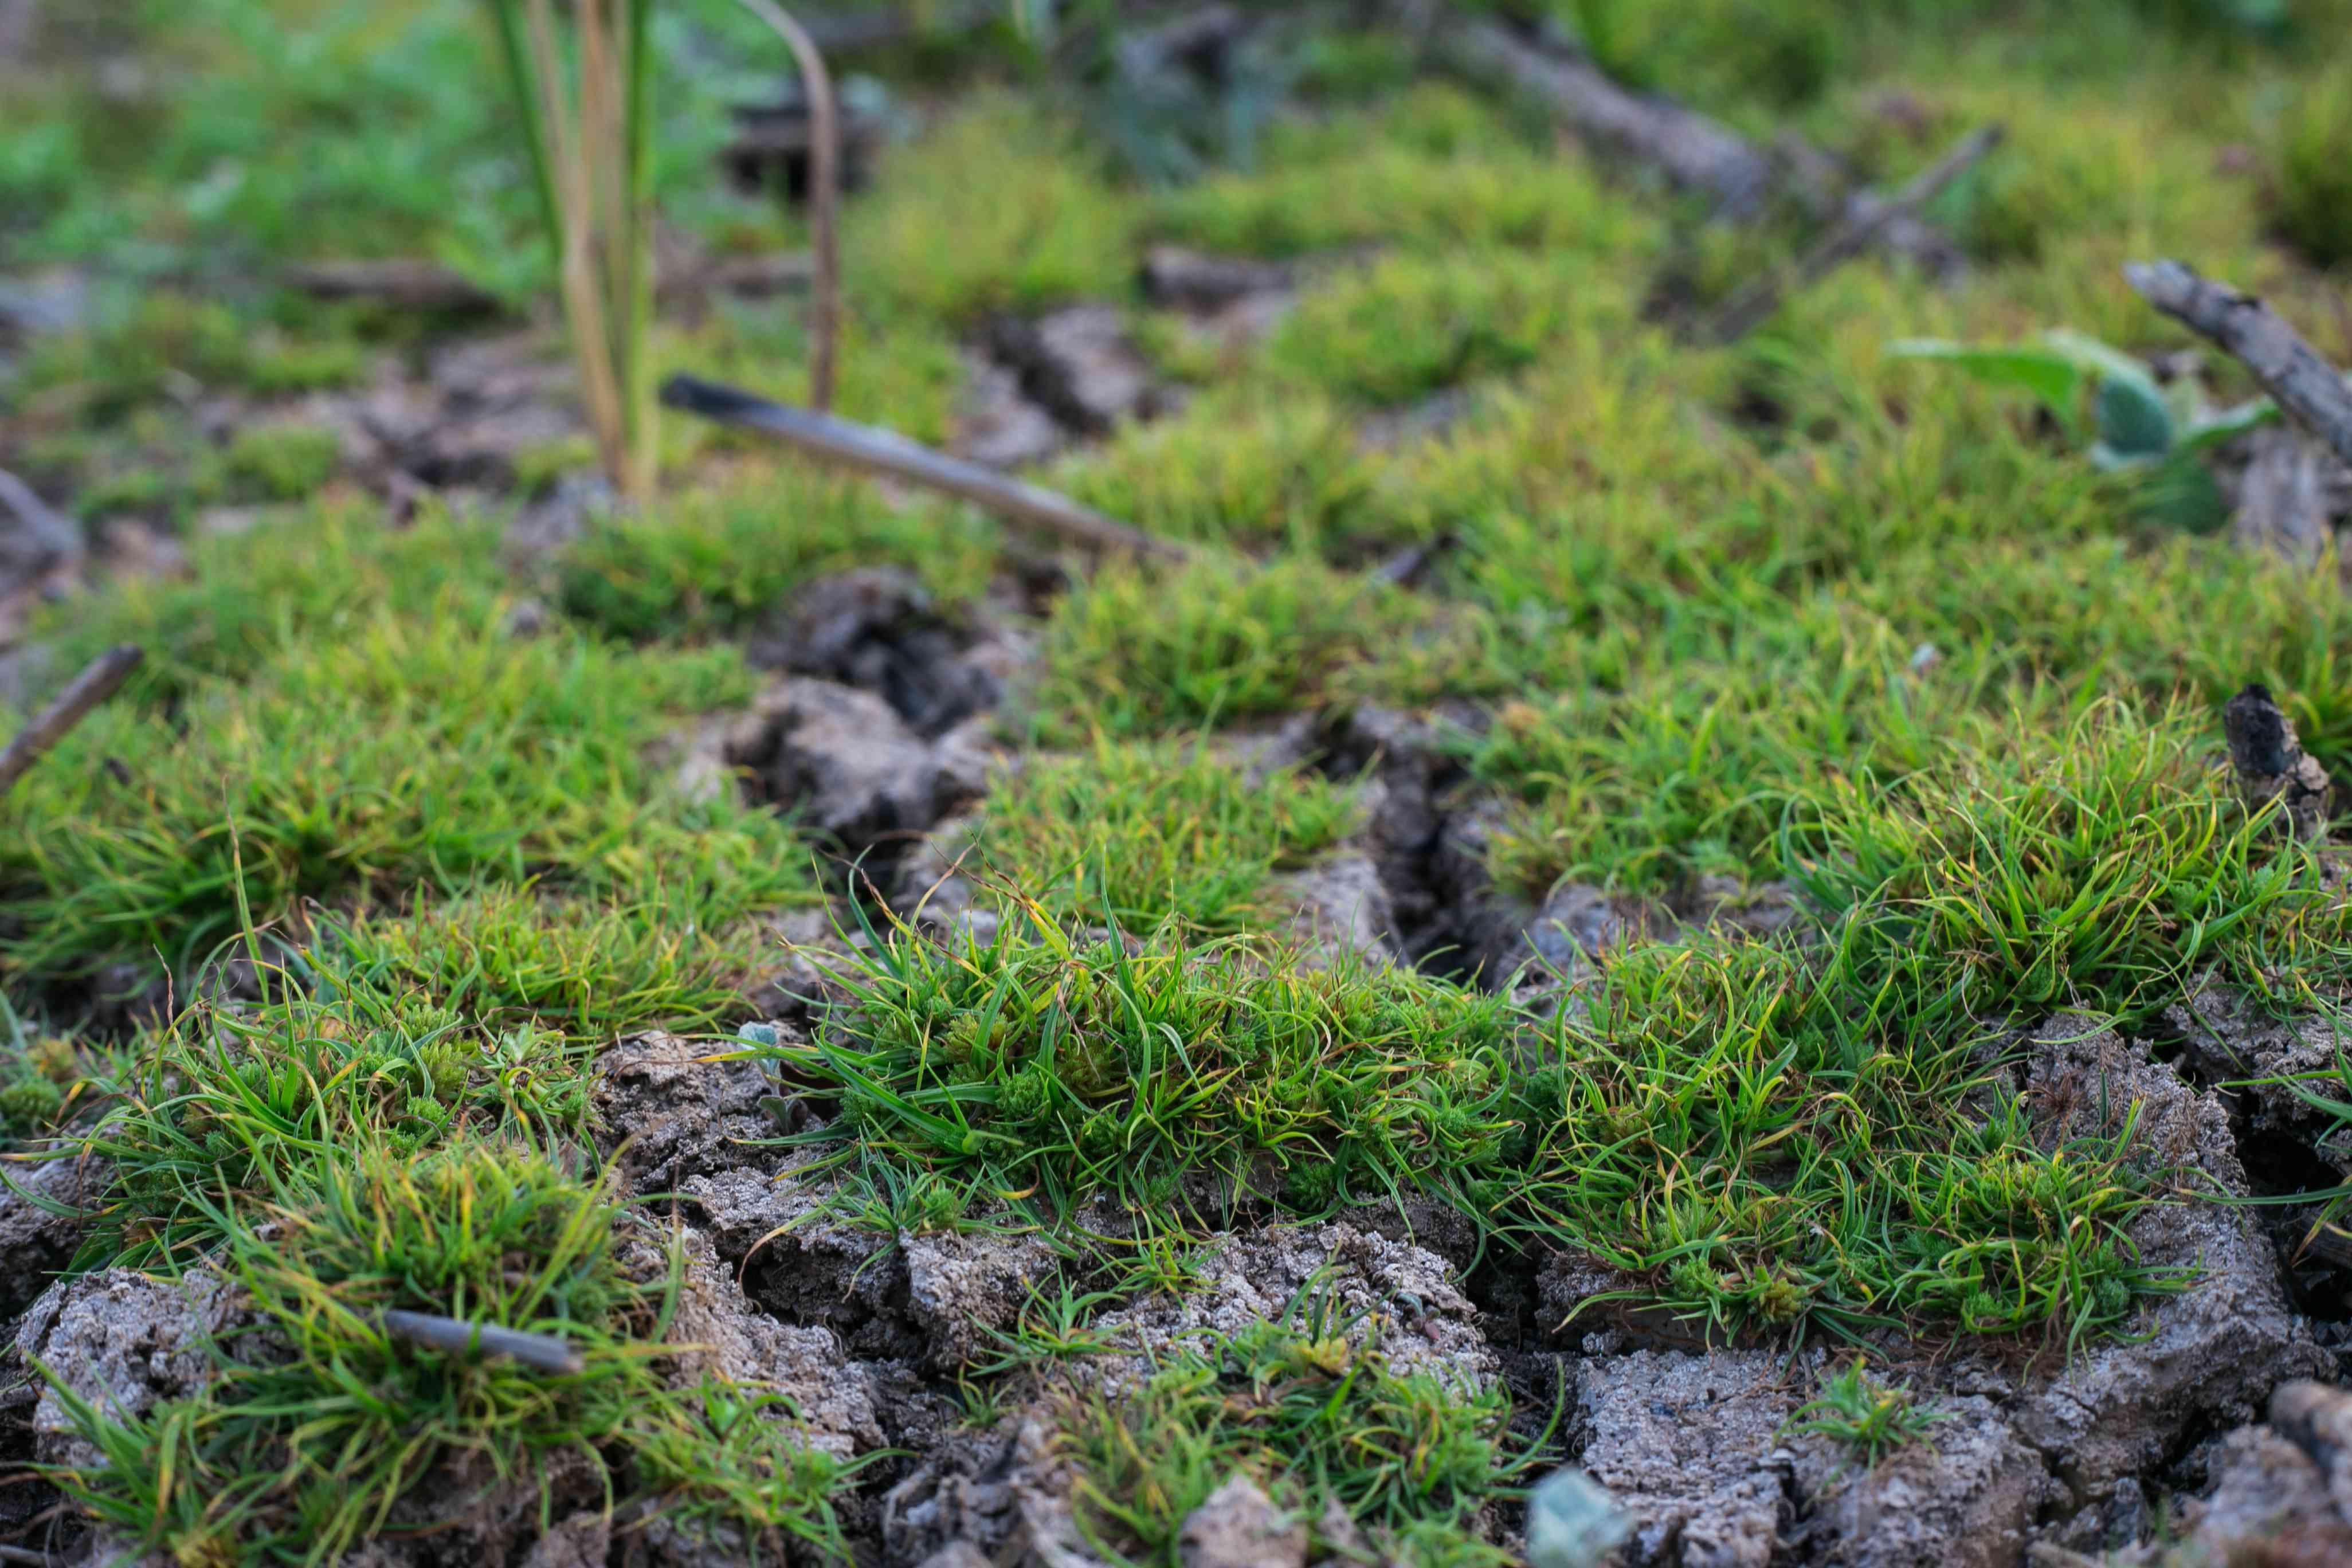 Plants growing in dry, depleted soil